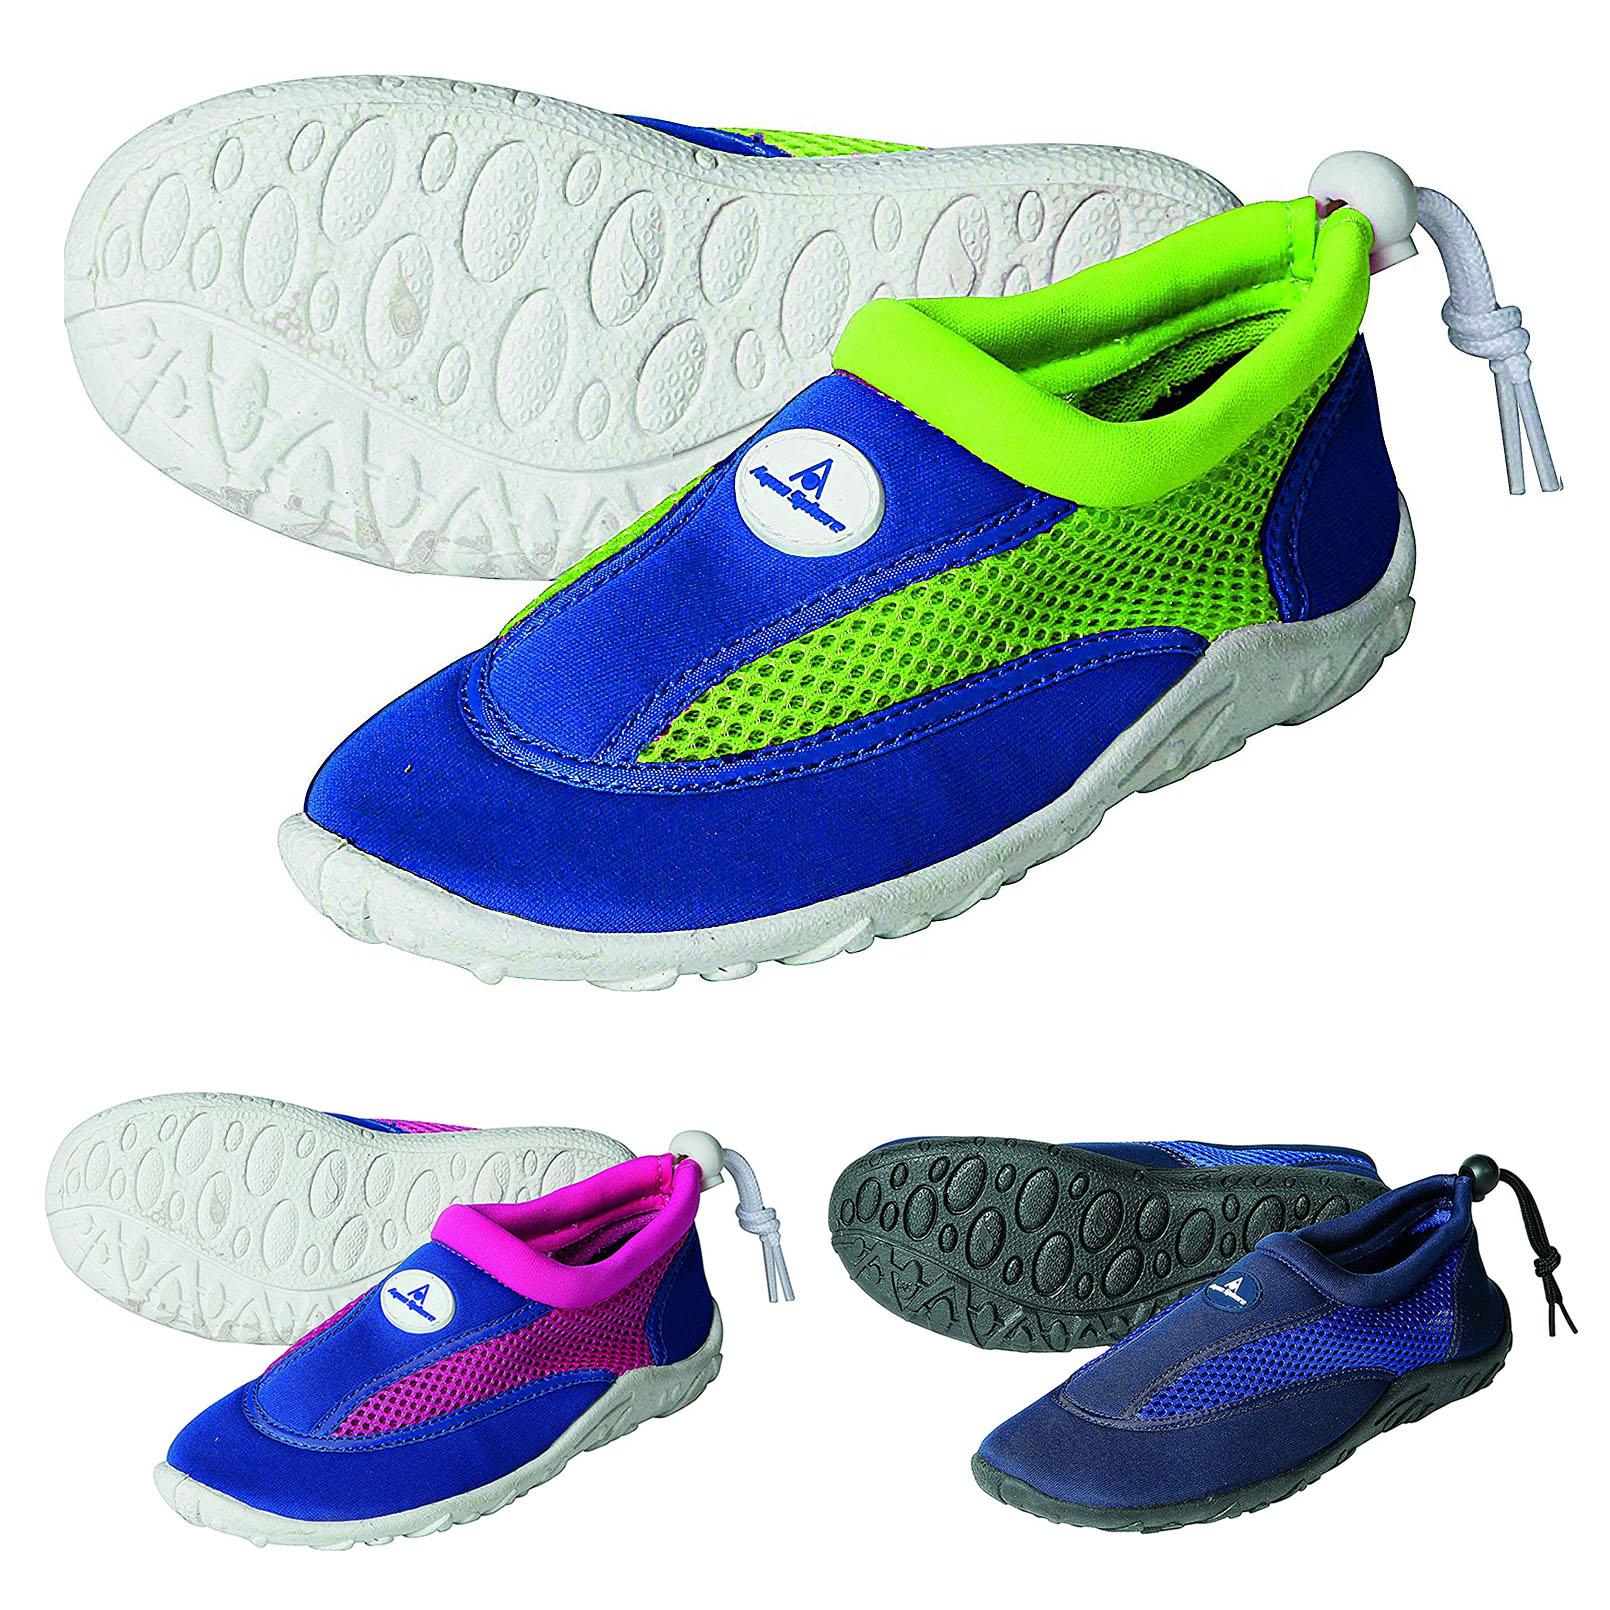 Aqua Sphere CANCUN JR Aqua Shoes Kids